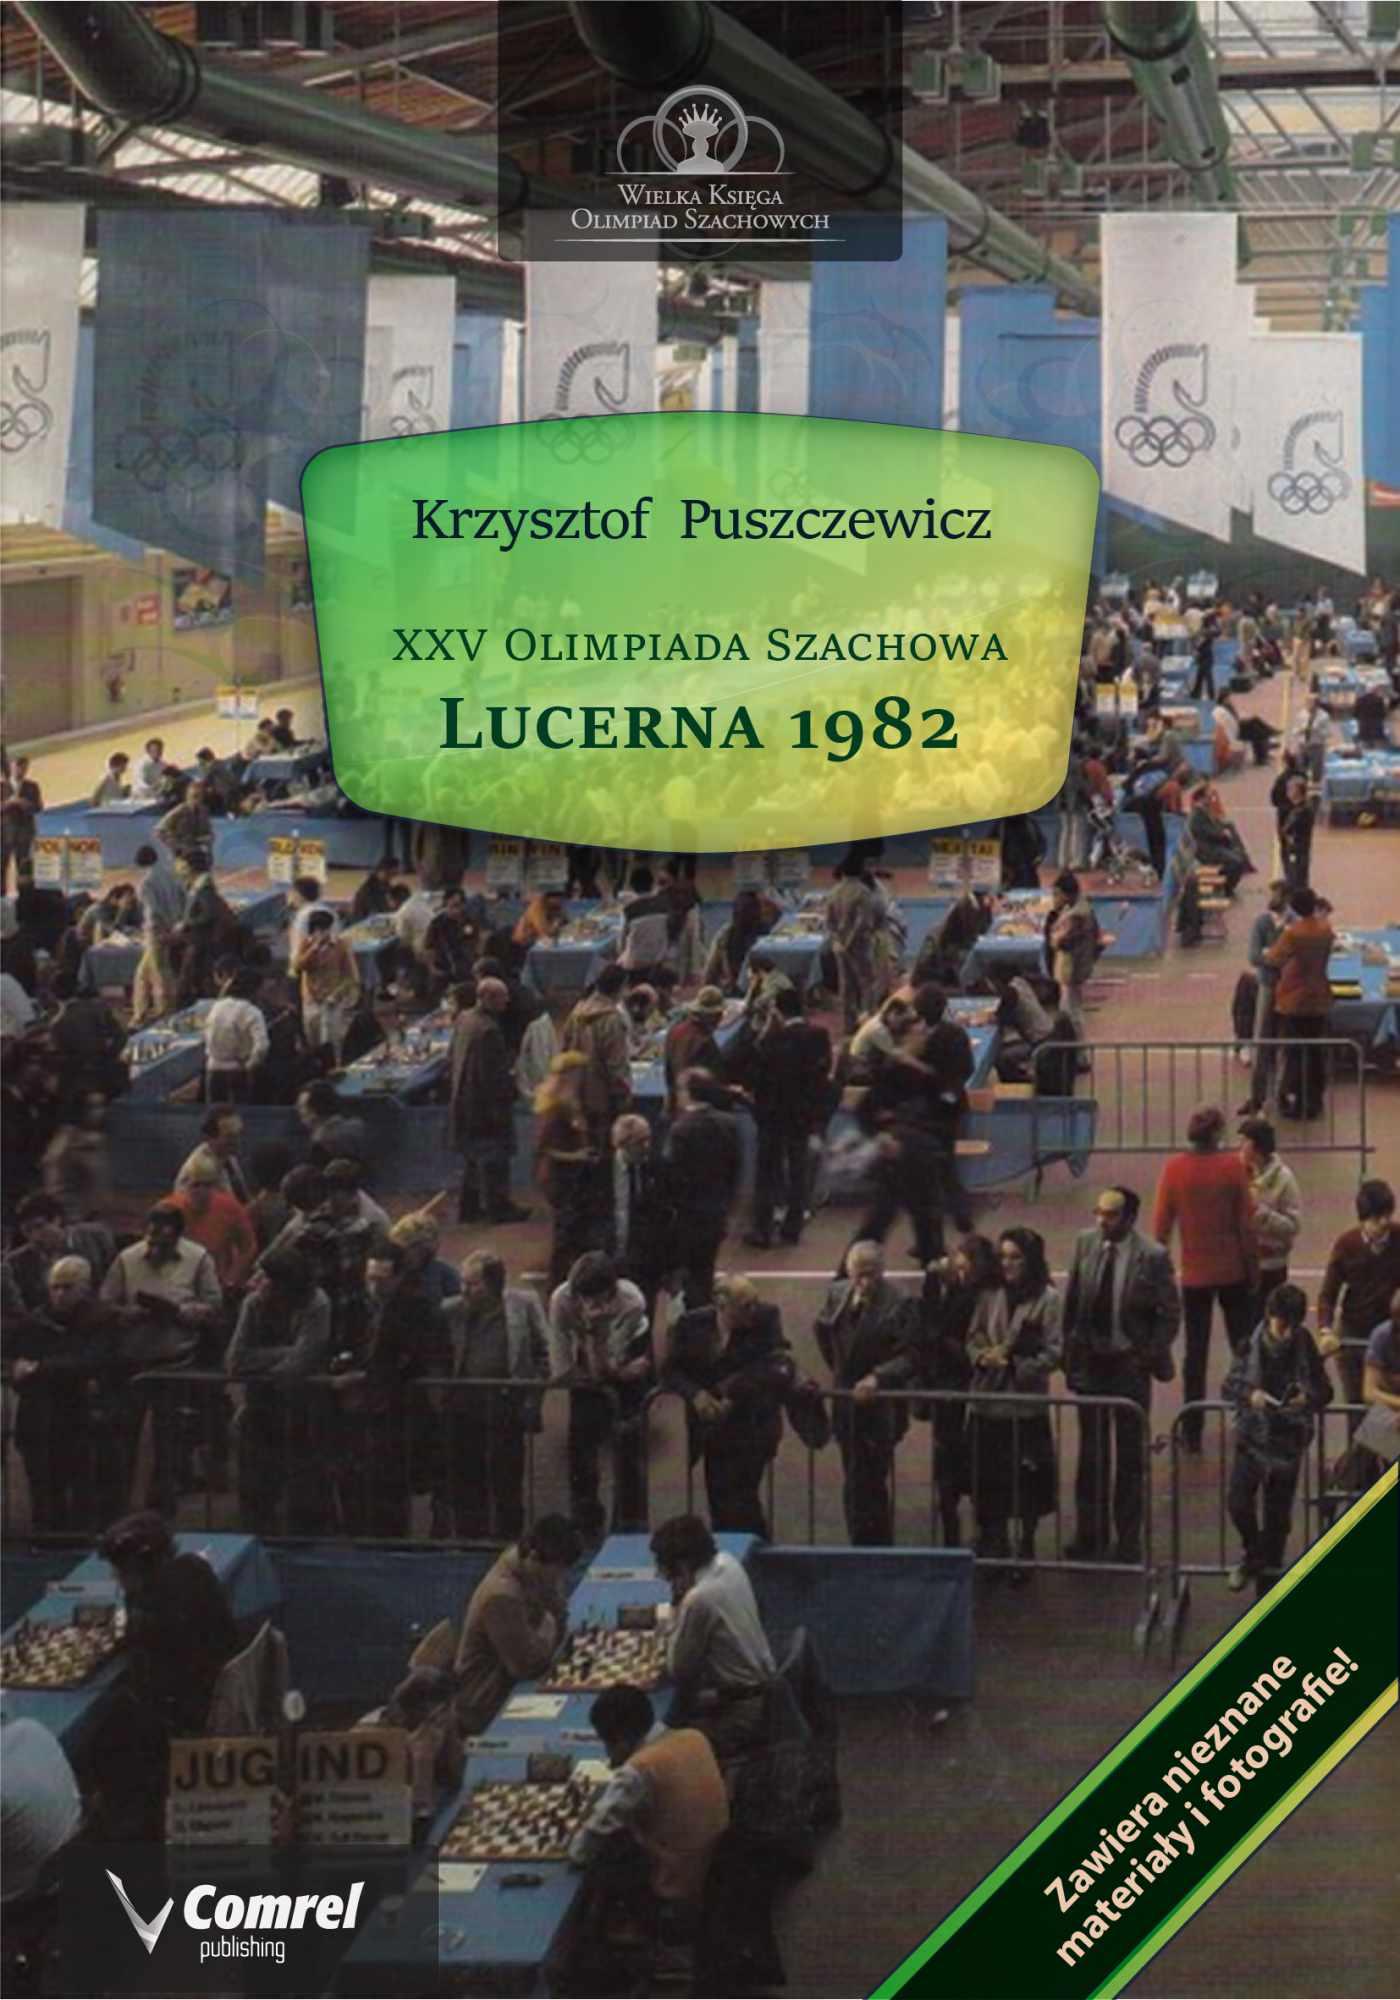 XXV Olimpiada Szachowa - Lucerna 1982 - Ebook (Książka PDF) do pobrania w formacie PDF